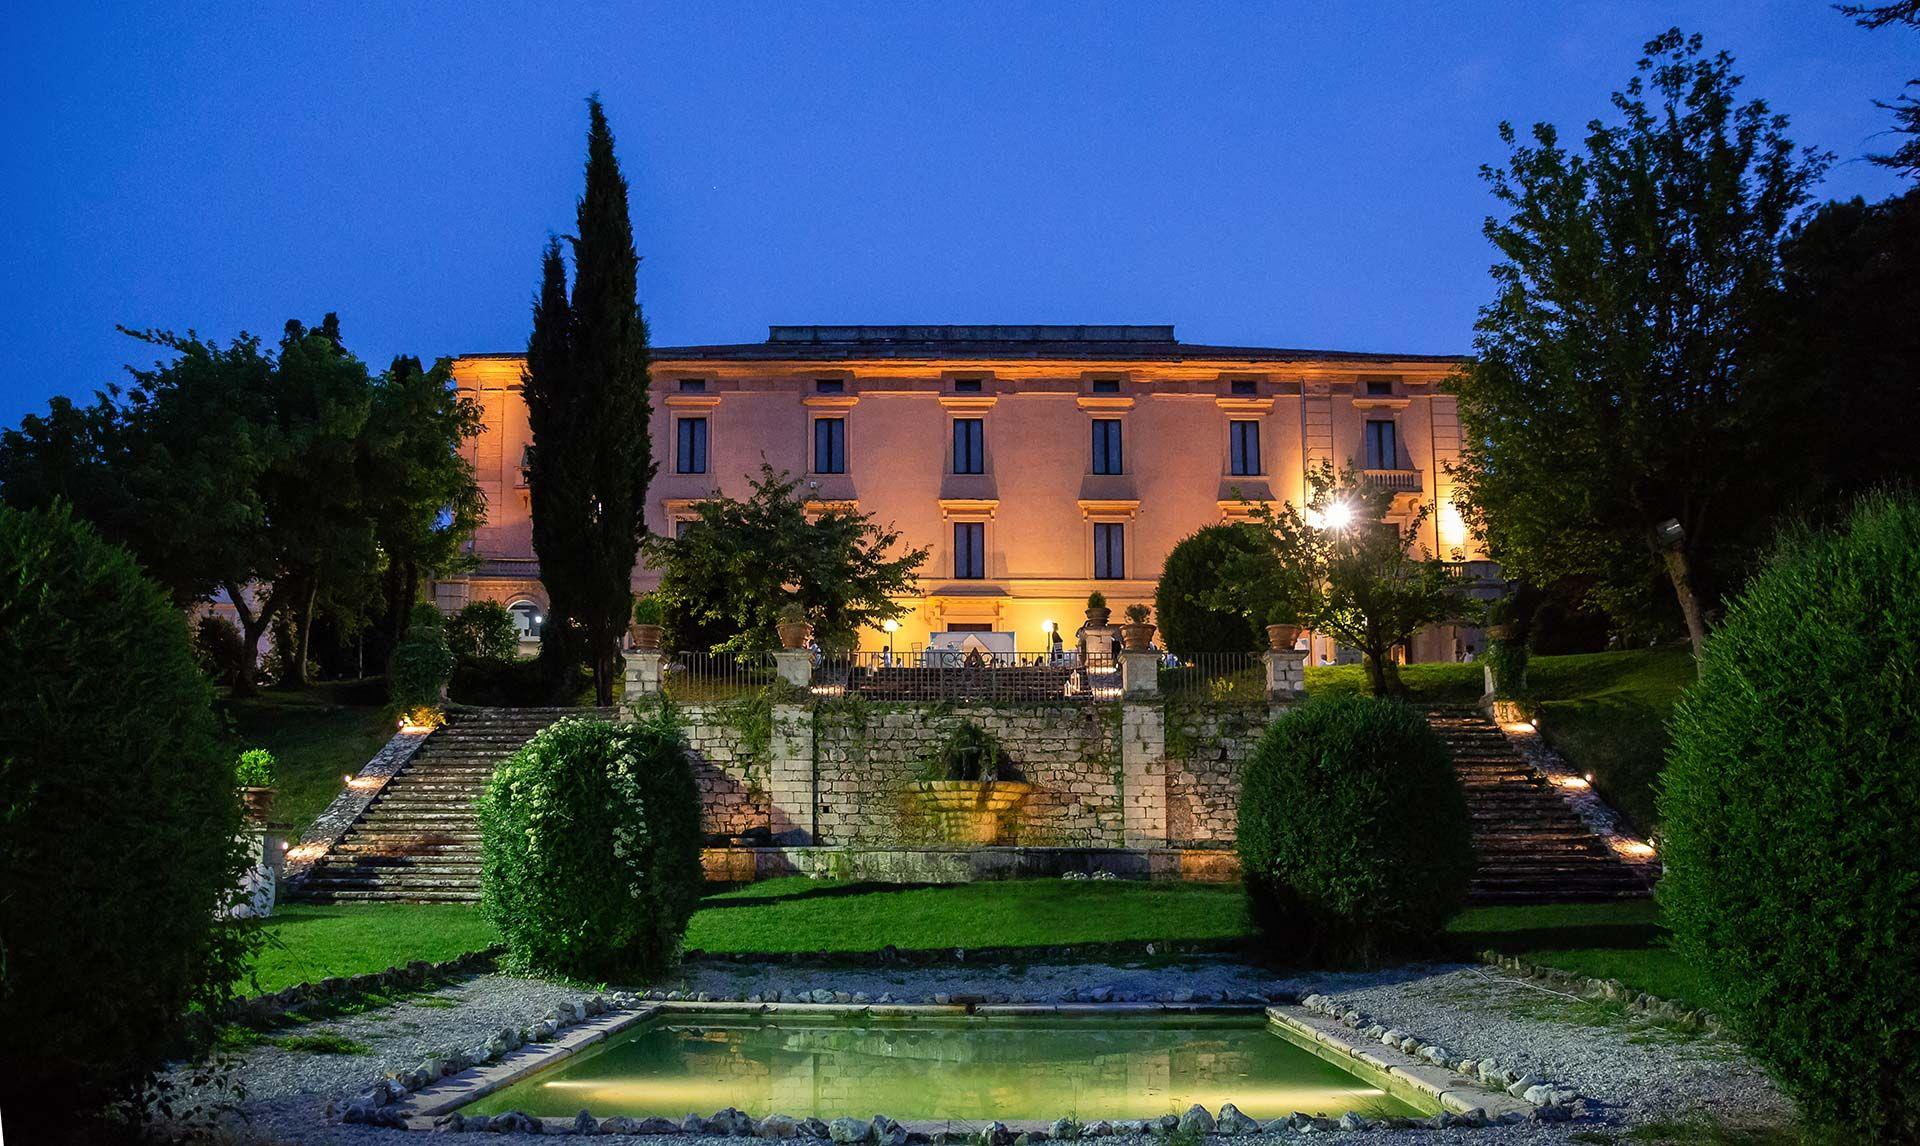 Le più belle location per matrimoni nell'entroterra calabrese